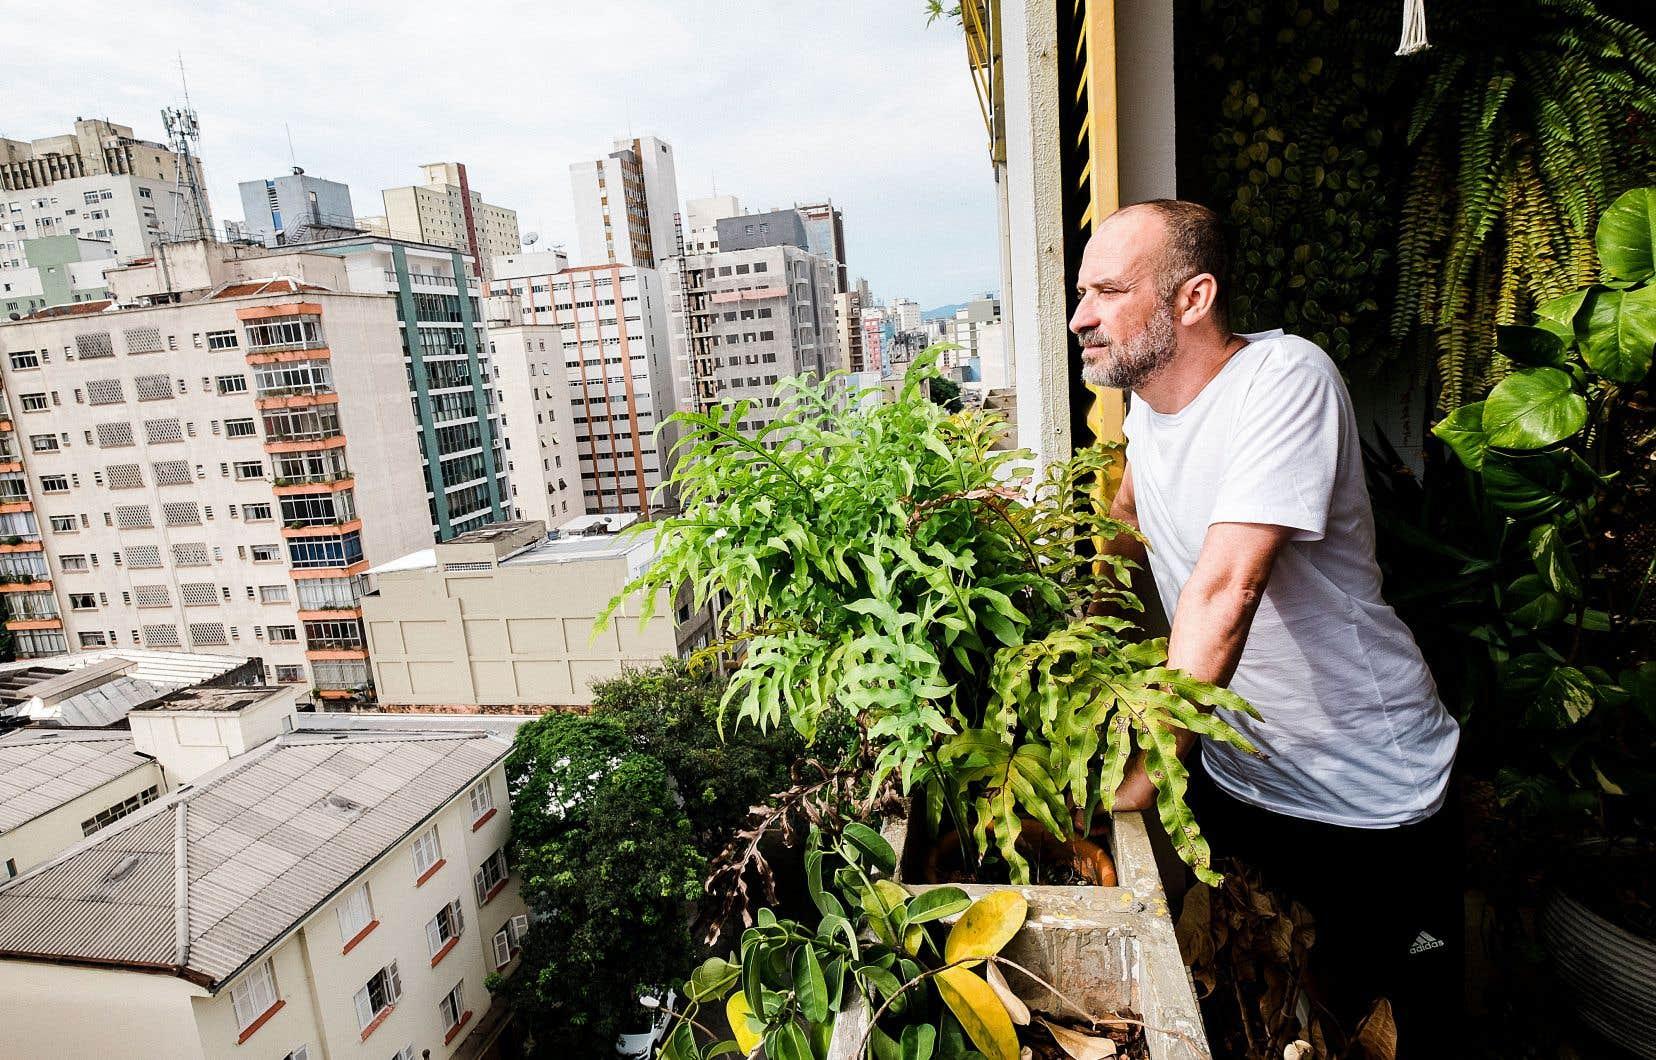 Le chanteur-compositeur Lucas Santtana est une figure ascendante de la nouvelle vague brésilienne. Quand il parle, les mots sortent de sa bouche un peu comme les paroles d'une chanson.